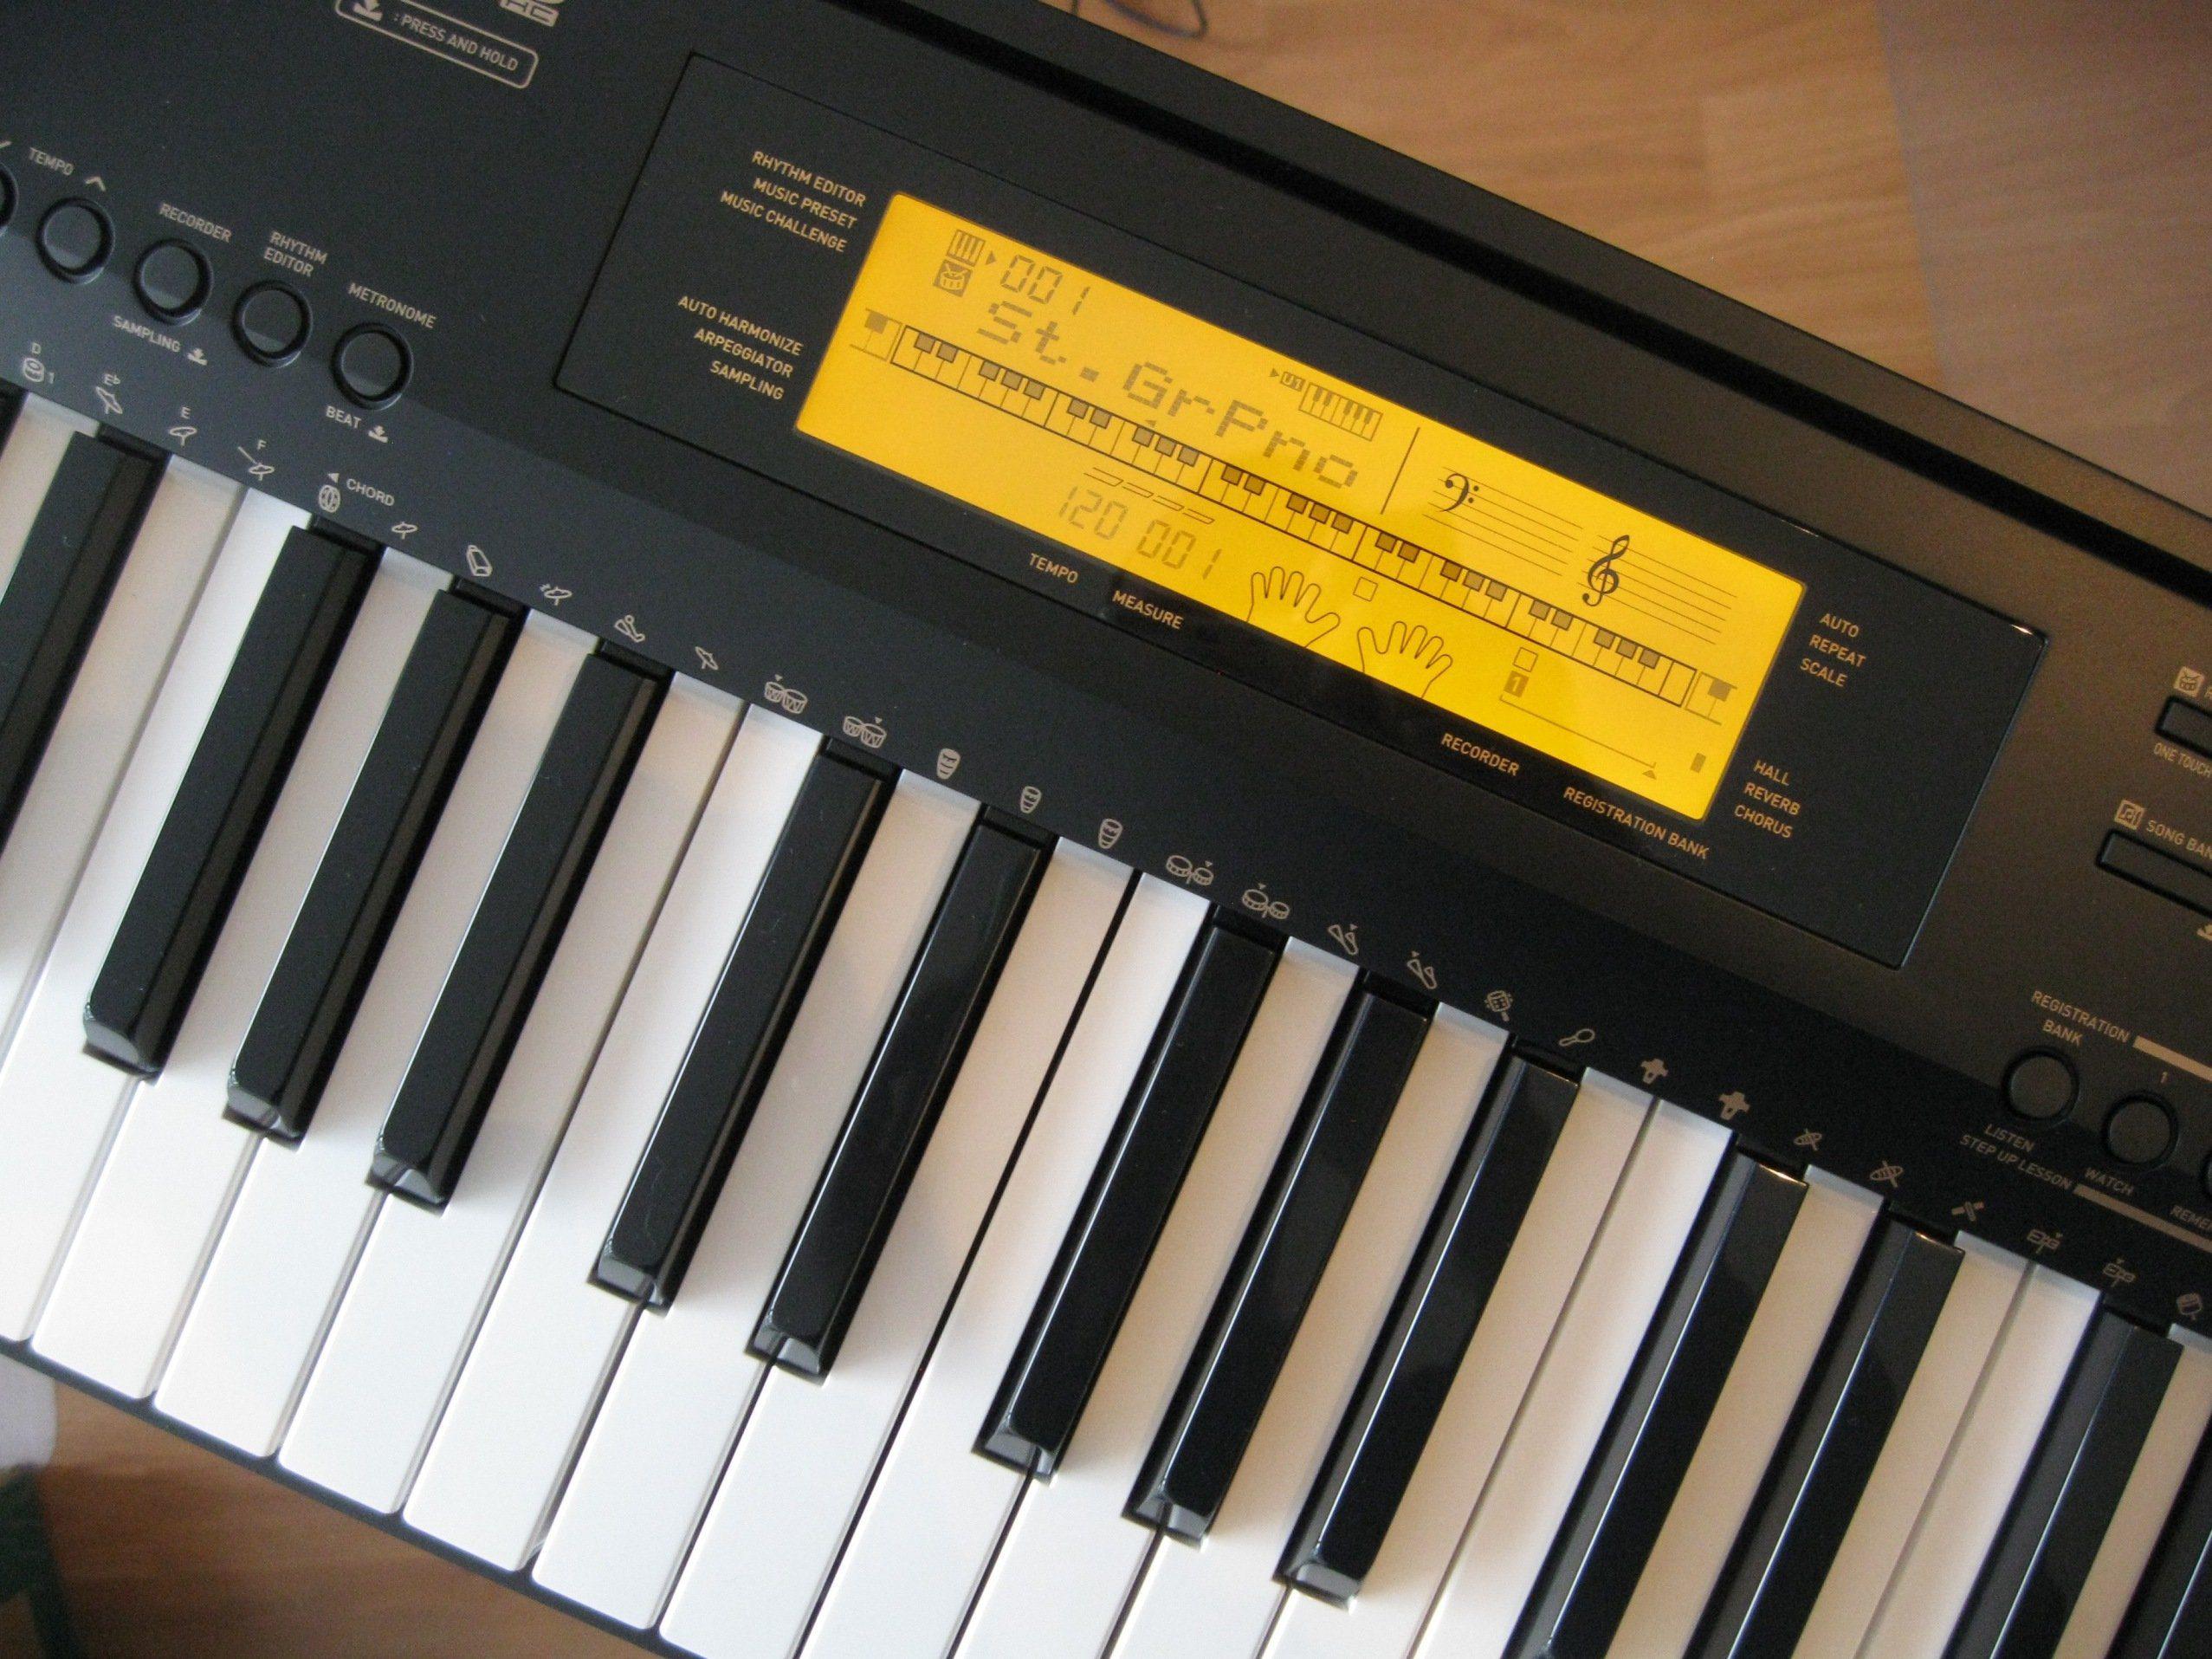 Digital Piano Casio Cdp 230 : test casio cdp 230 digitalpiano ~ Vivirlamusica.com Haus und Dekorationen